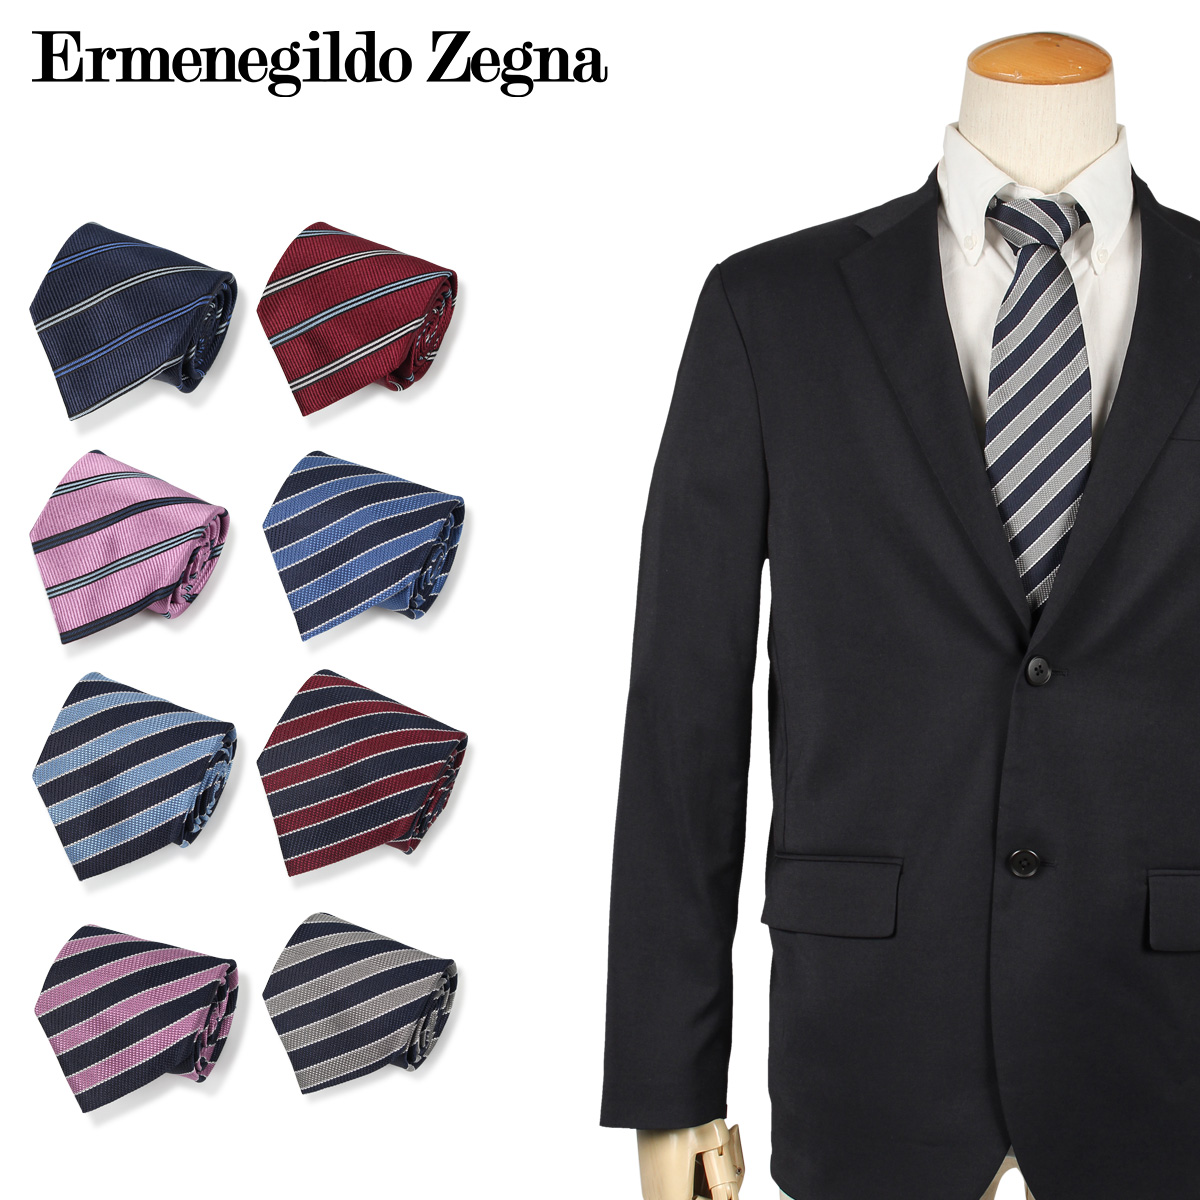 Ermenegildo Zegna エルメネジルドゼニア ネクタイ メンズ ストライプ イタリア製 シルク ビジネス 結婚式 グレー ネイビー ワインレッド ピンク